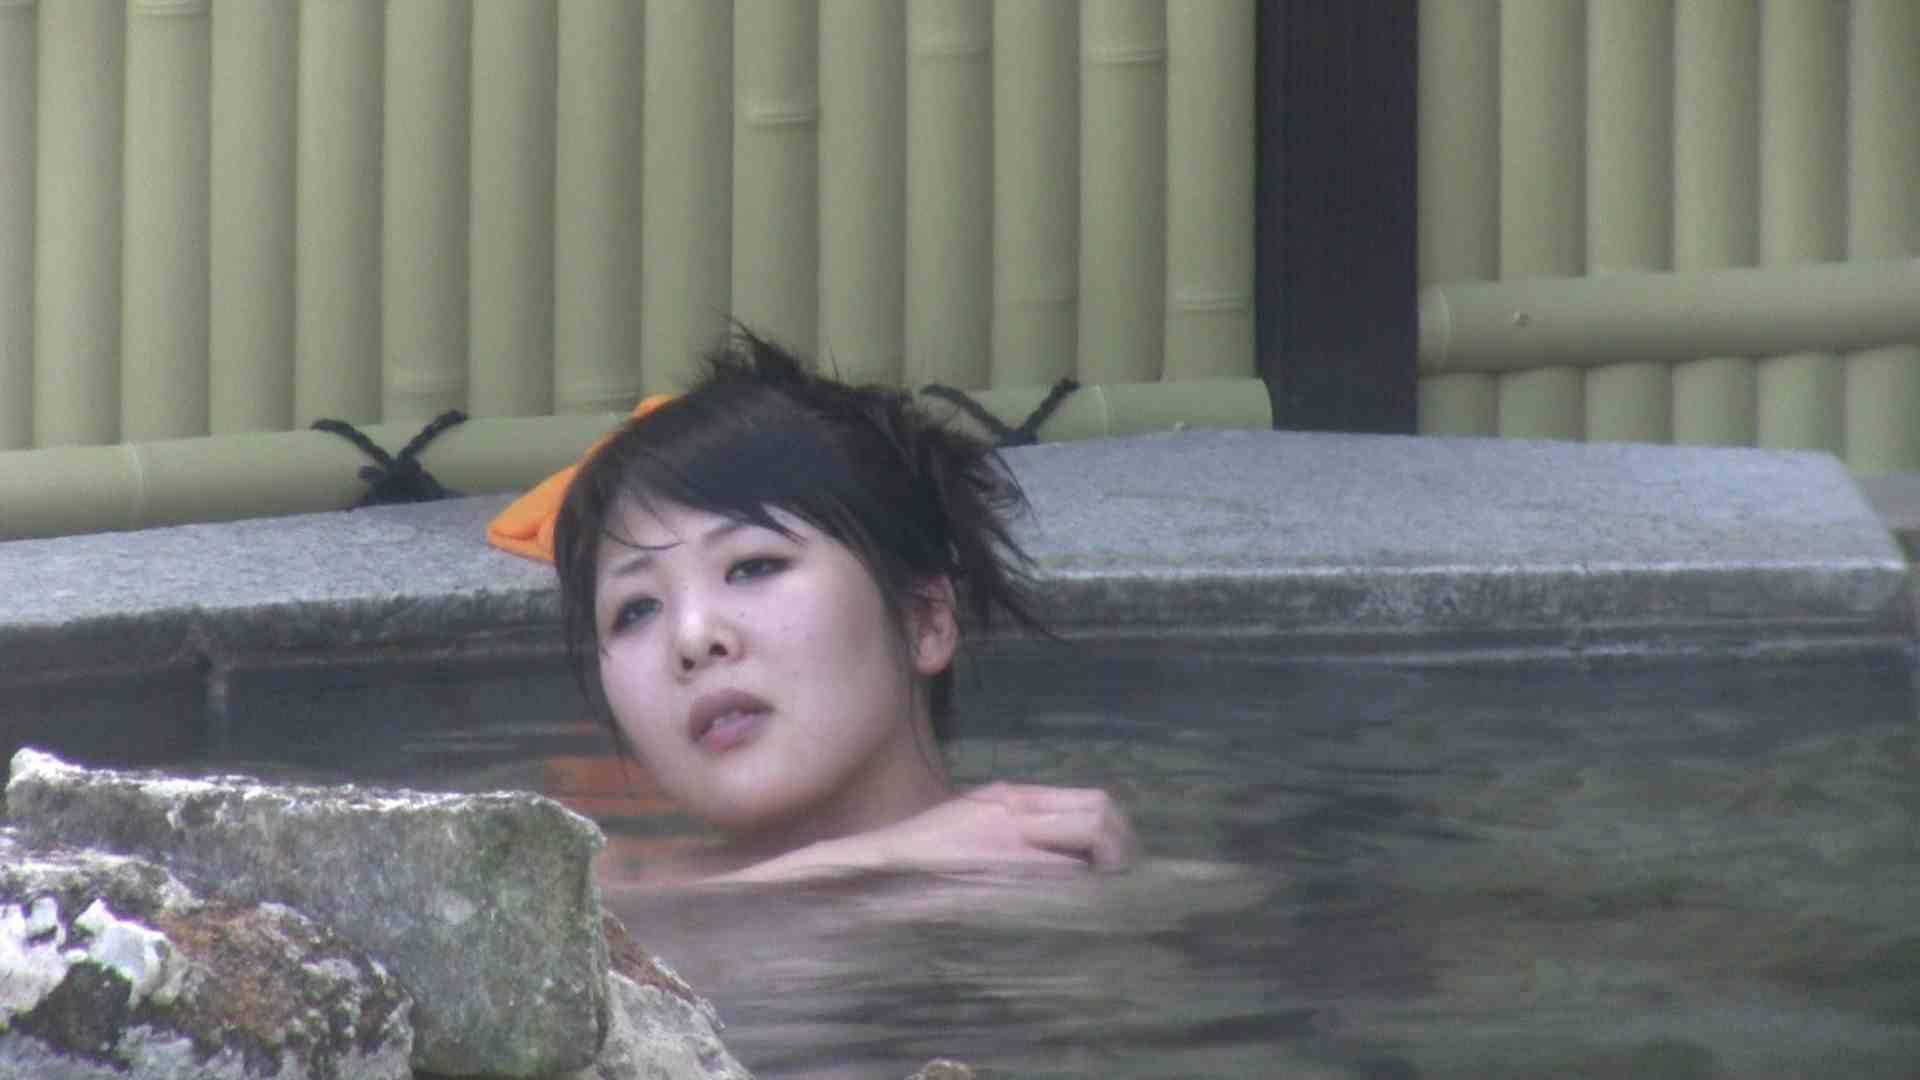 Aquaな露天風呂Vol.118 盗撮動画 | 露天風呂  9枚 3